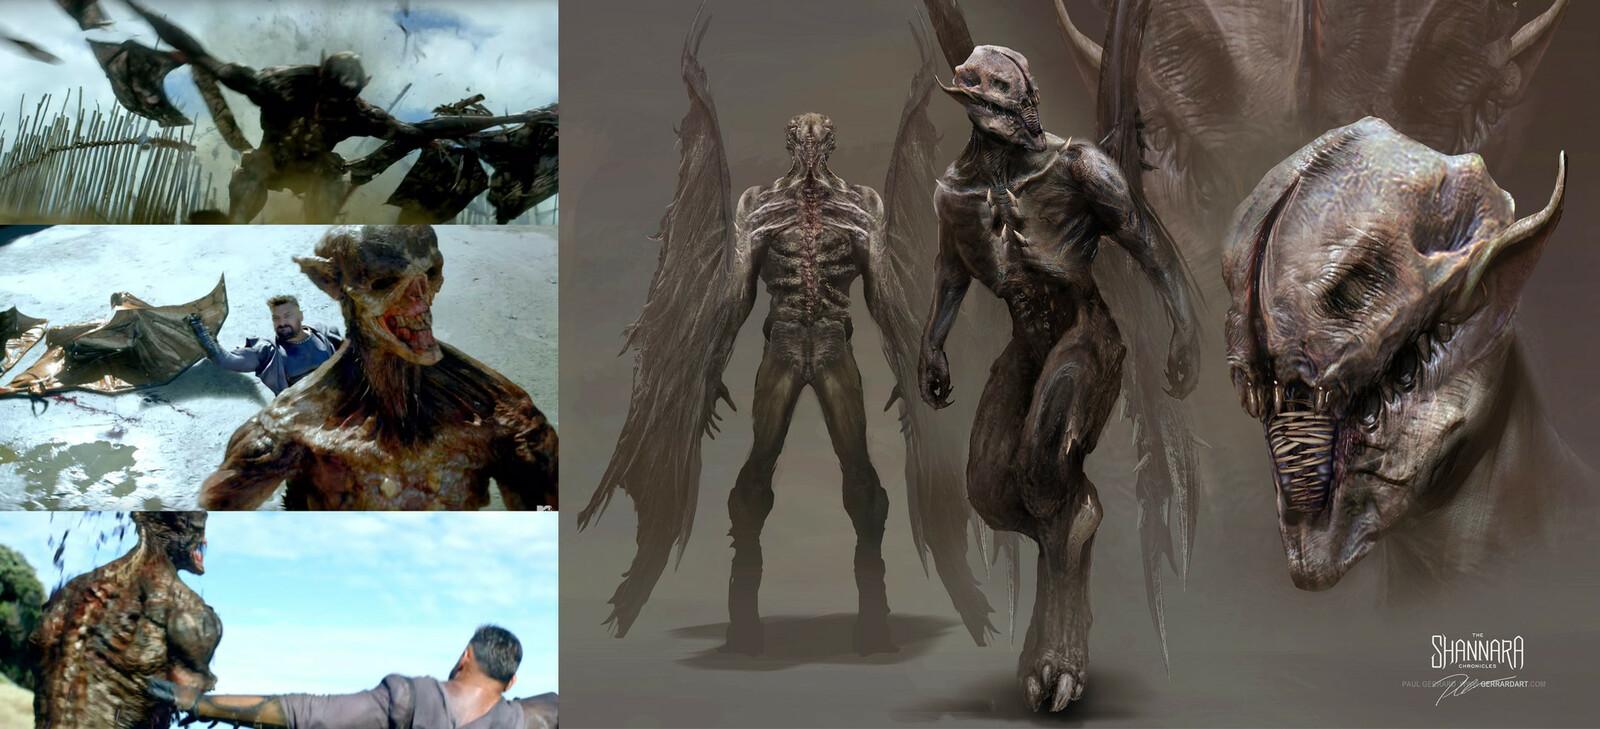 Wraith from Shannara Season 1